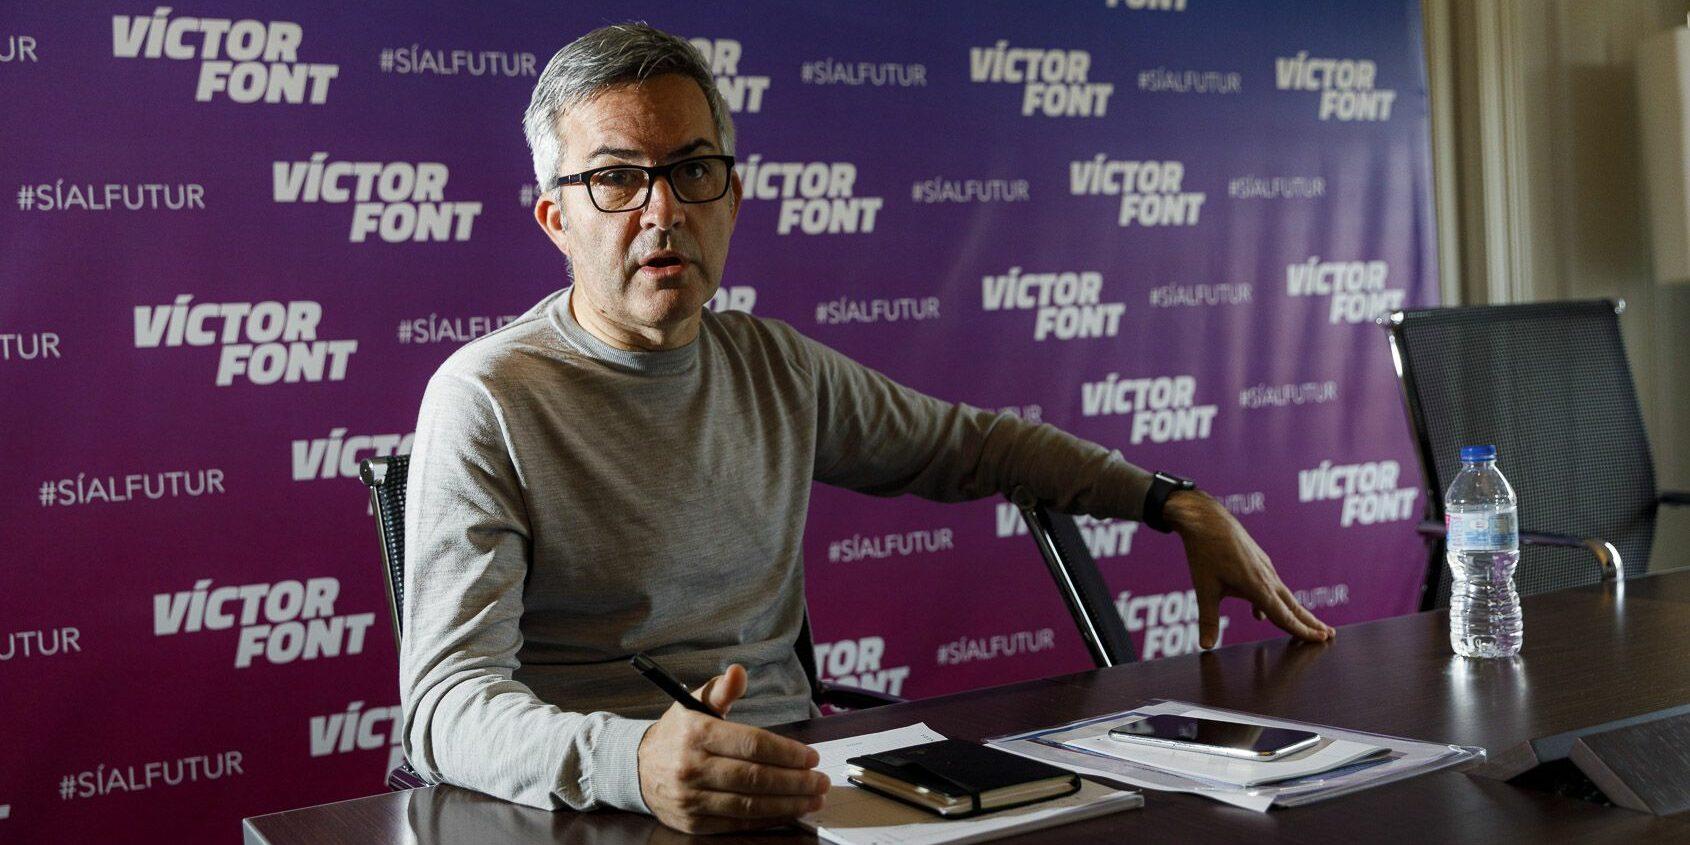 Víctor Font, aspirant a la presidència del Barça |Jordi Borràs